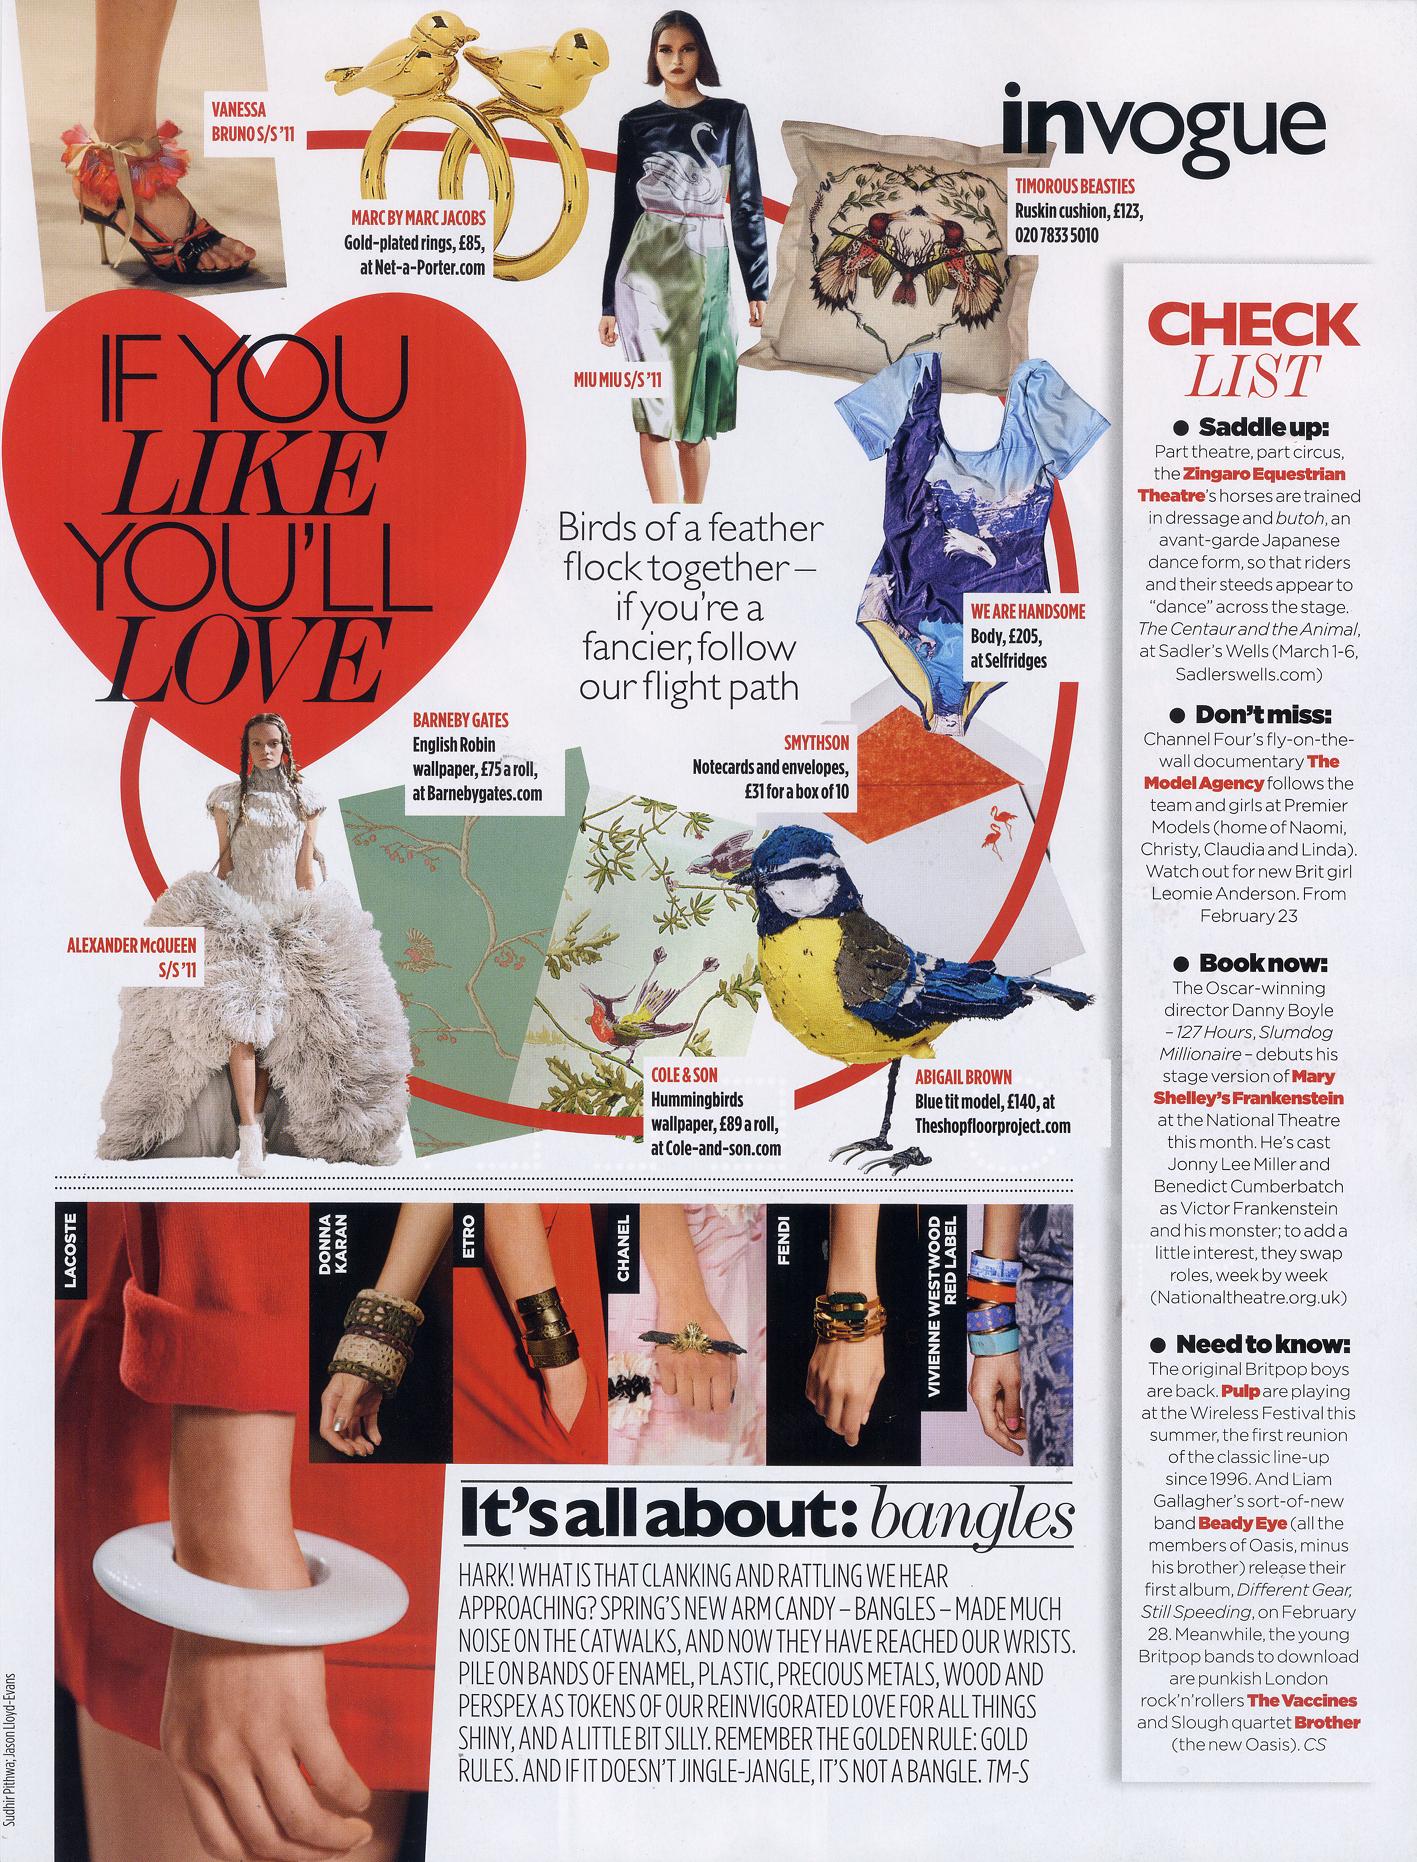 2011 March - Vogue - Article a